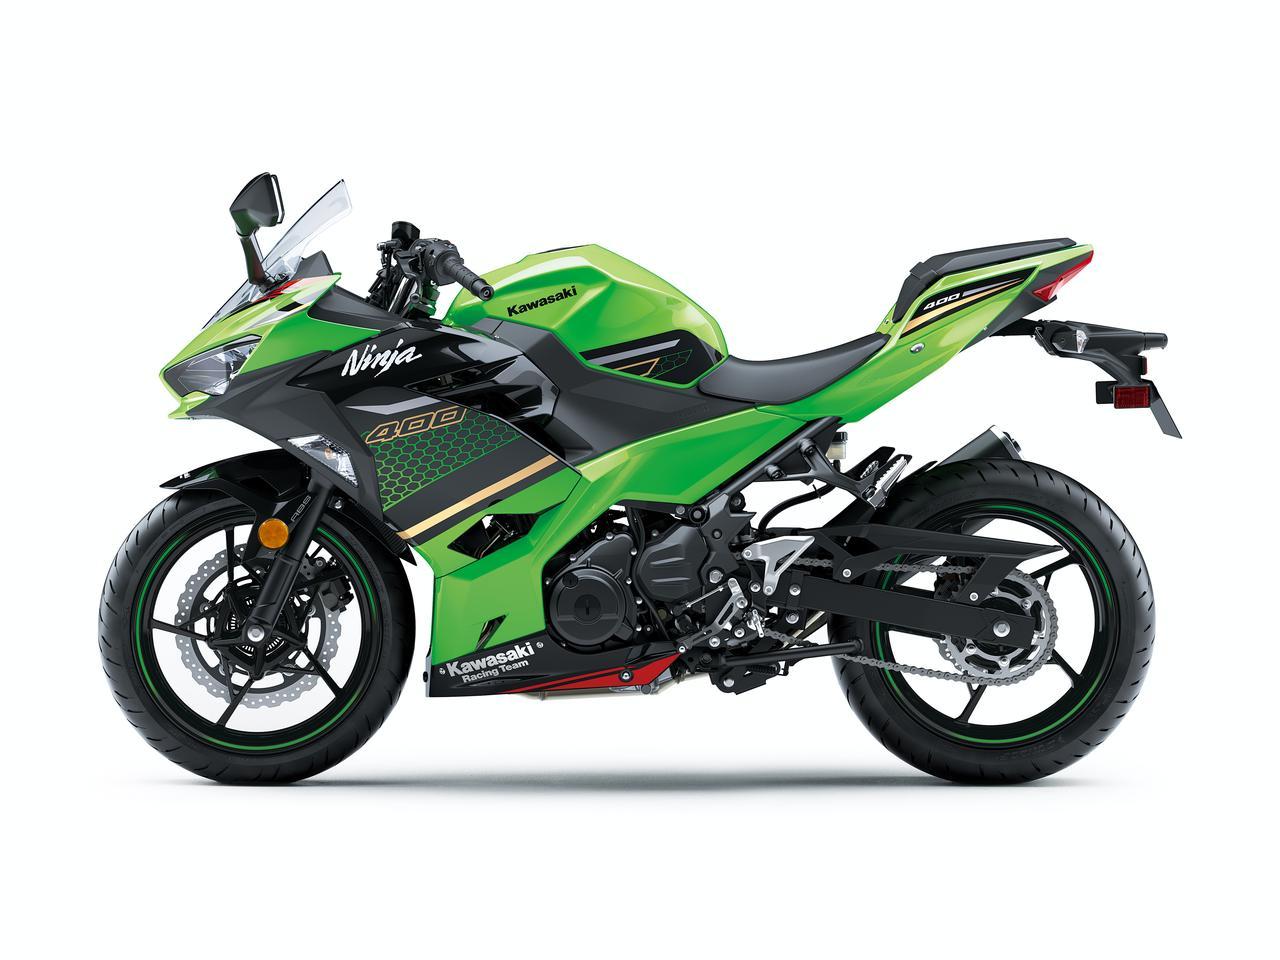 画像8: 【カワサキ】Ninja 400の2020年モデルは9月1日(日)発売開始! カラーバリエーション・アンケート実施中